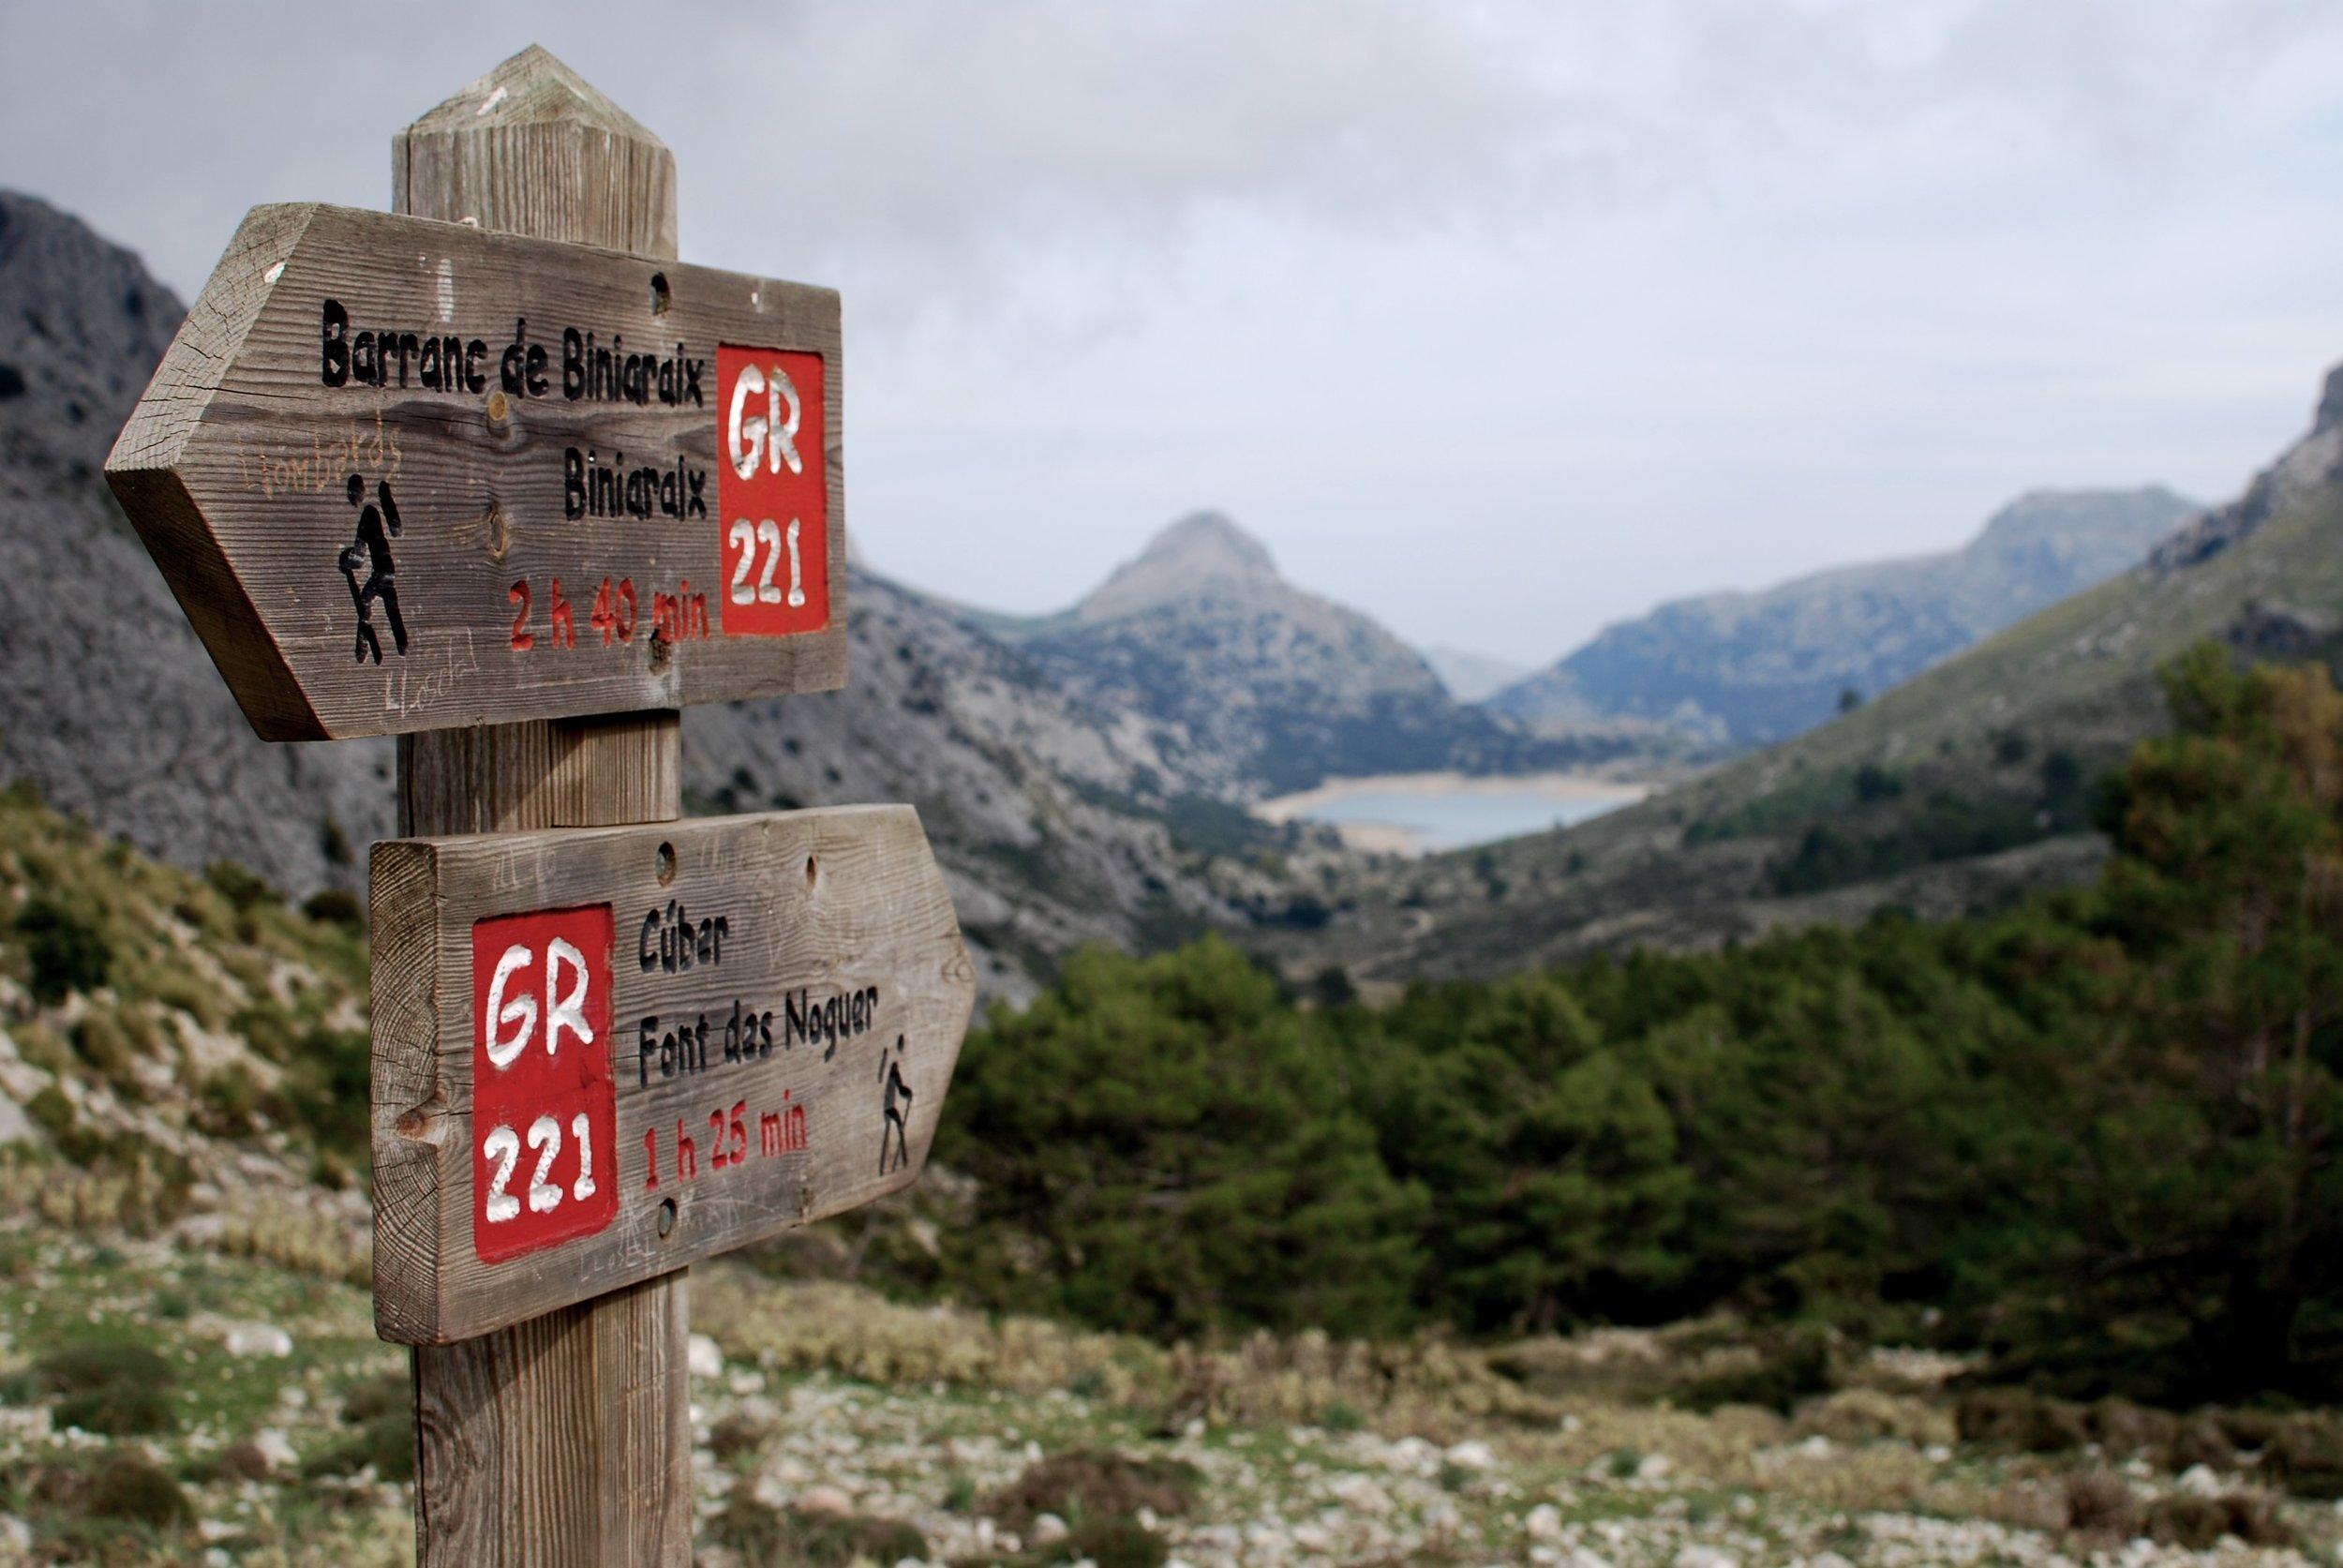 Gr221.jpg